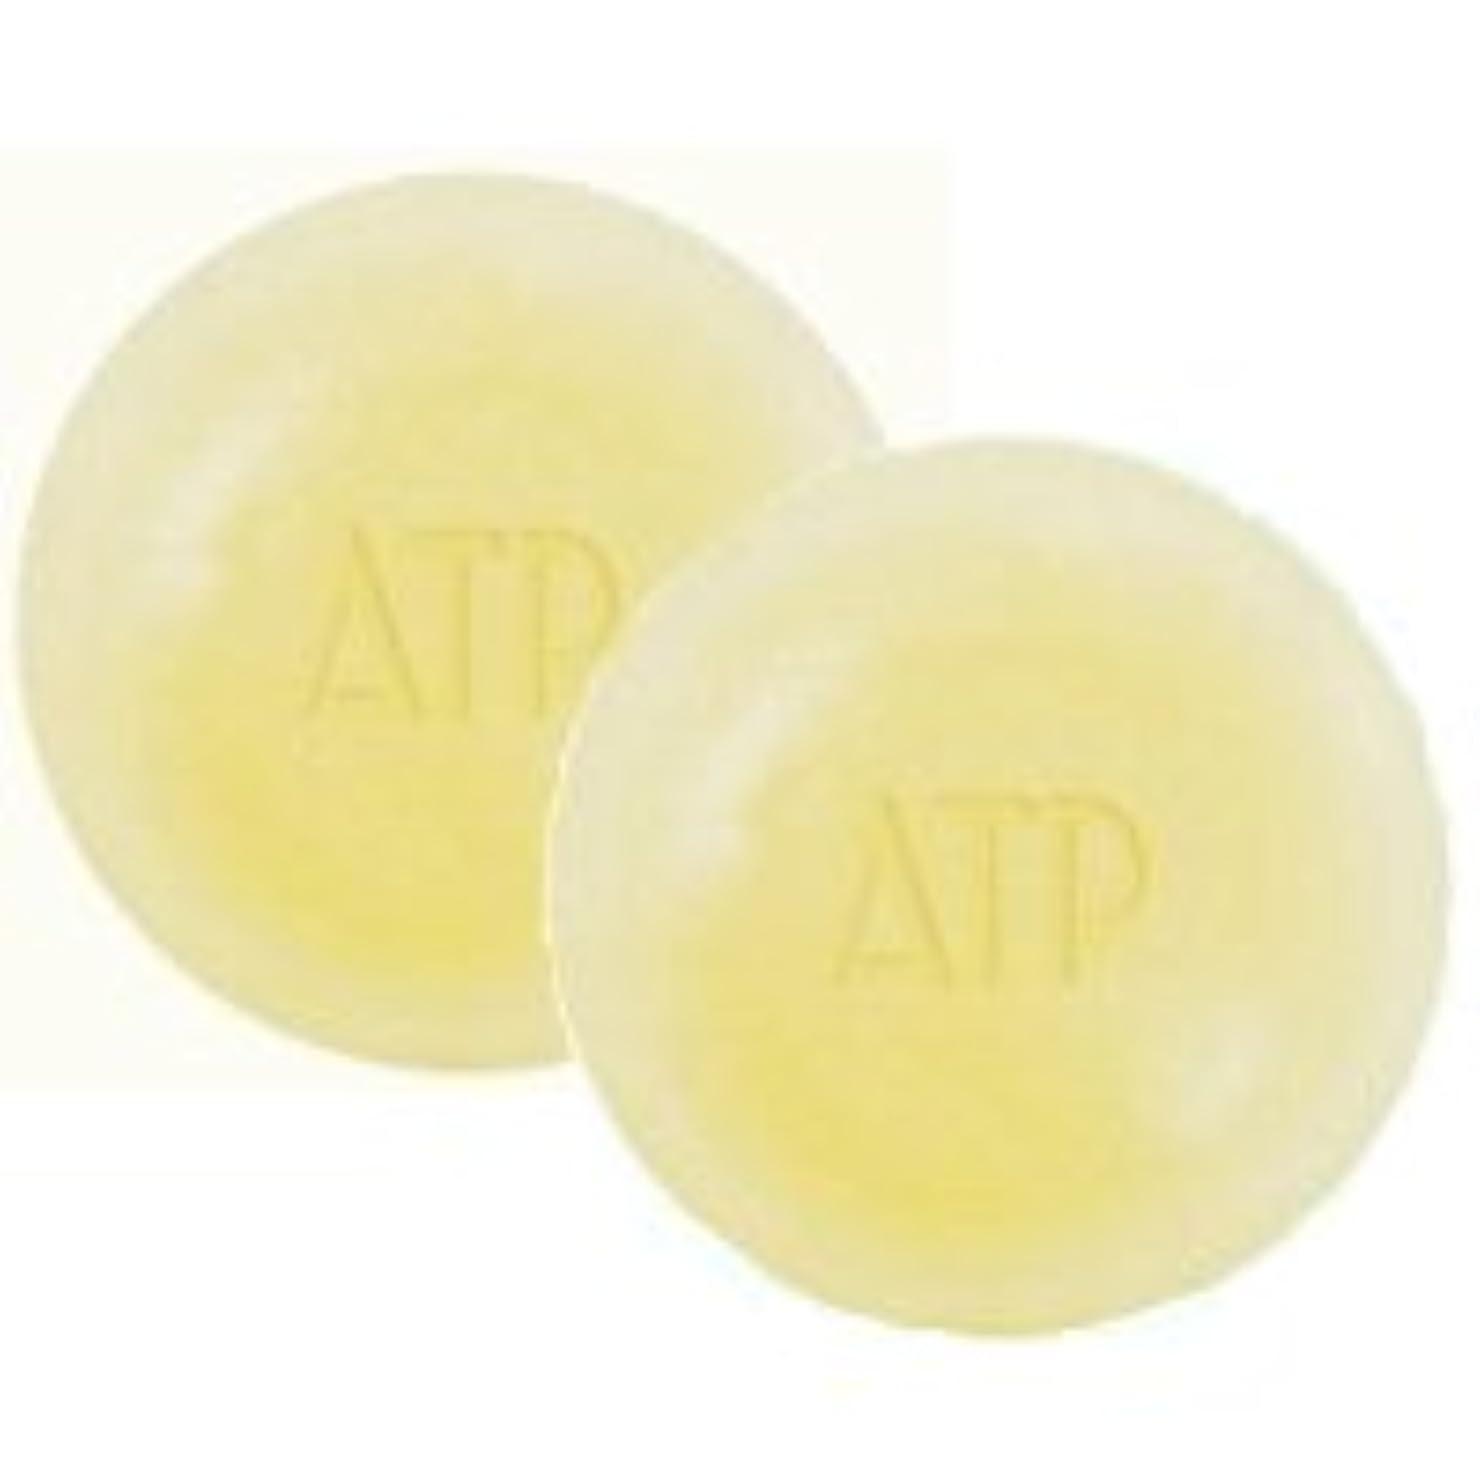 オーケストラ第四意図ATPデリケアソープ 100g ケース付 2個セット